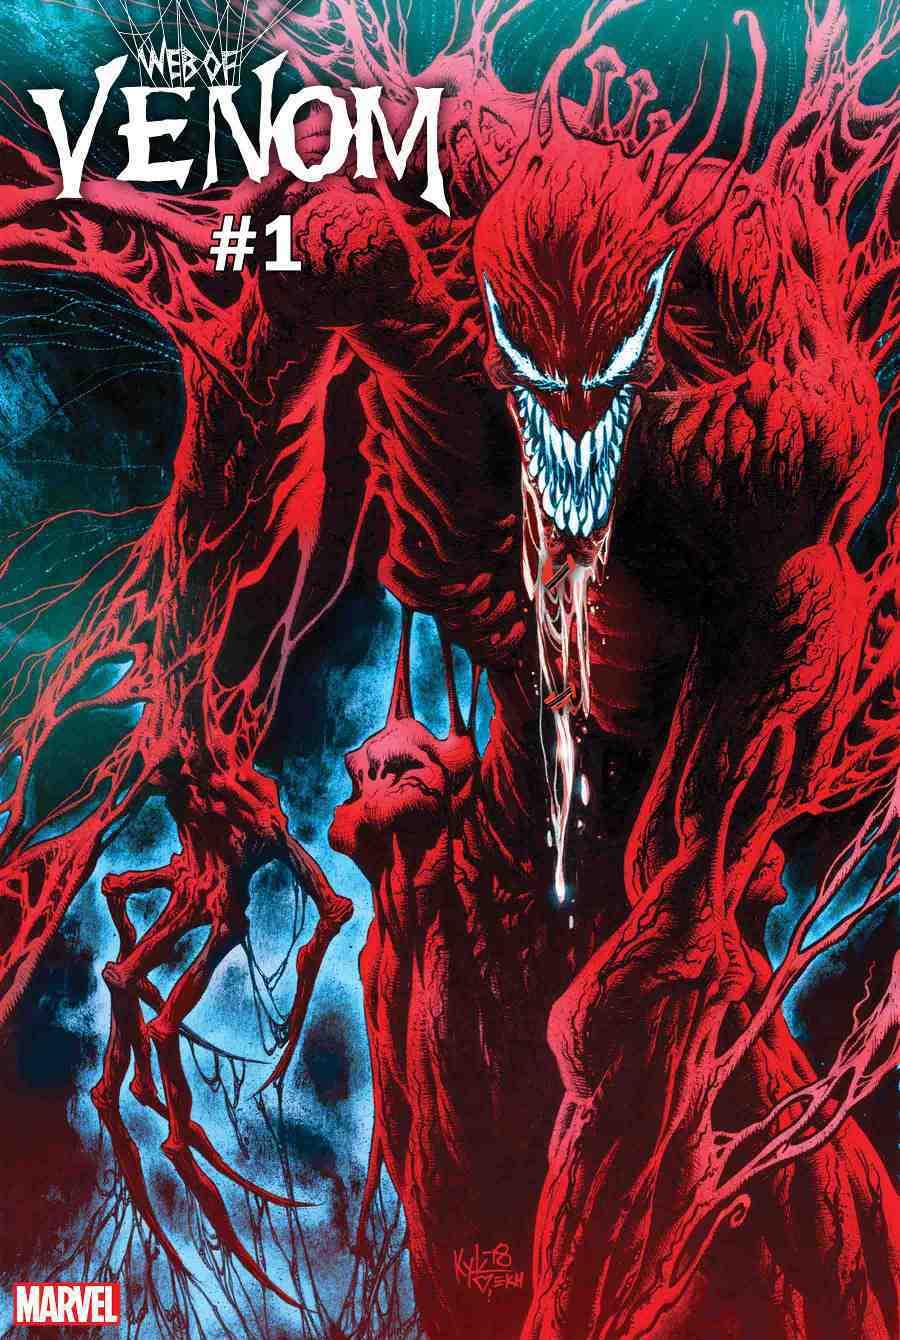 Carnage Set for Return in Web of Venom: Carnage Born